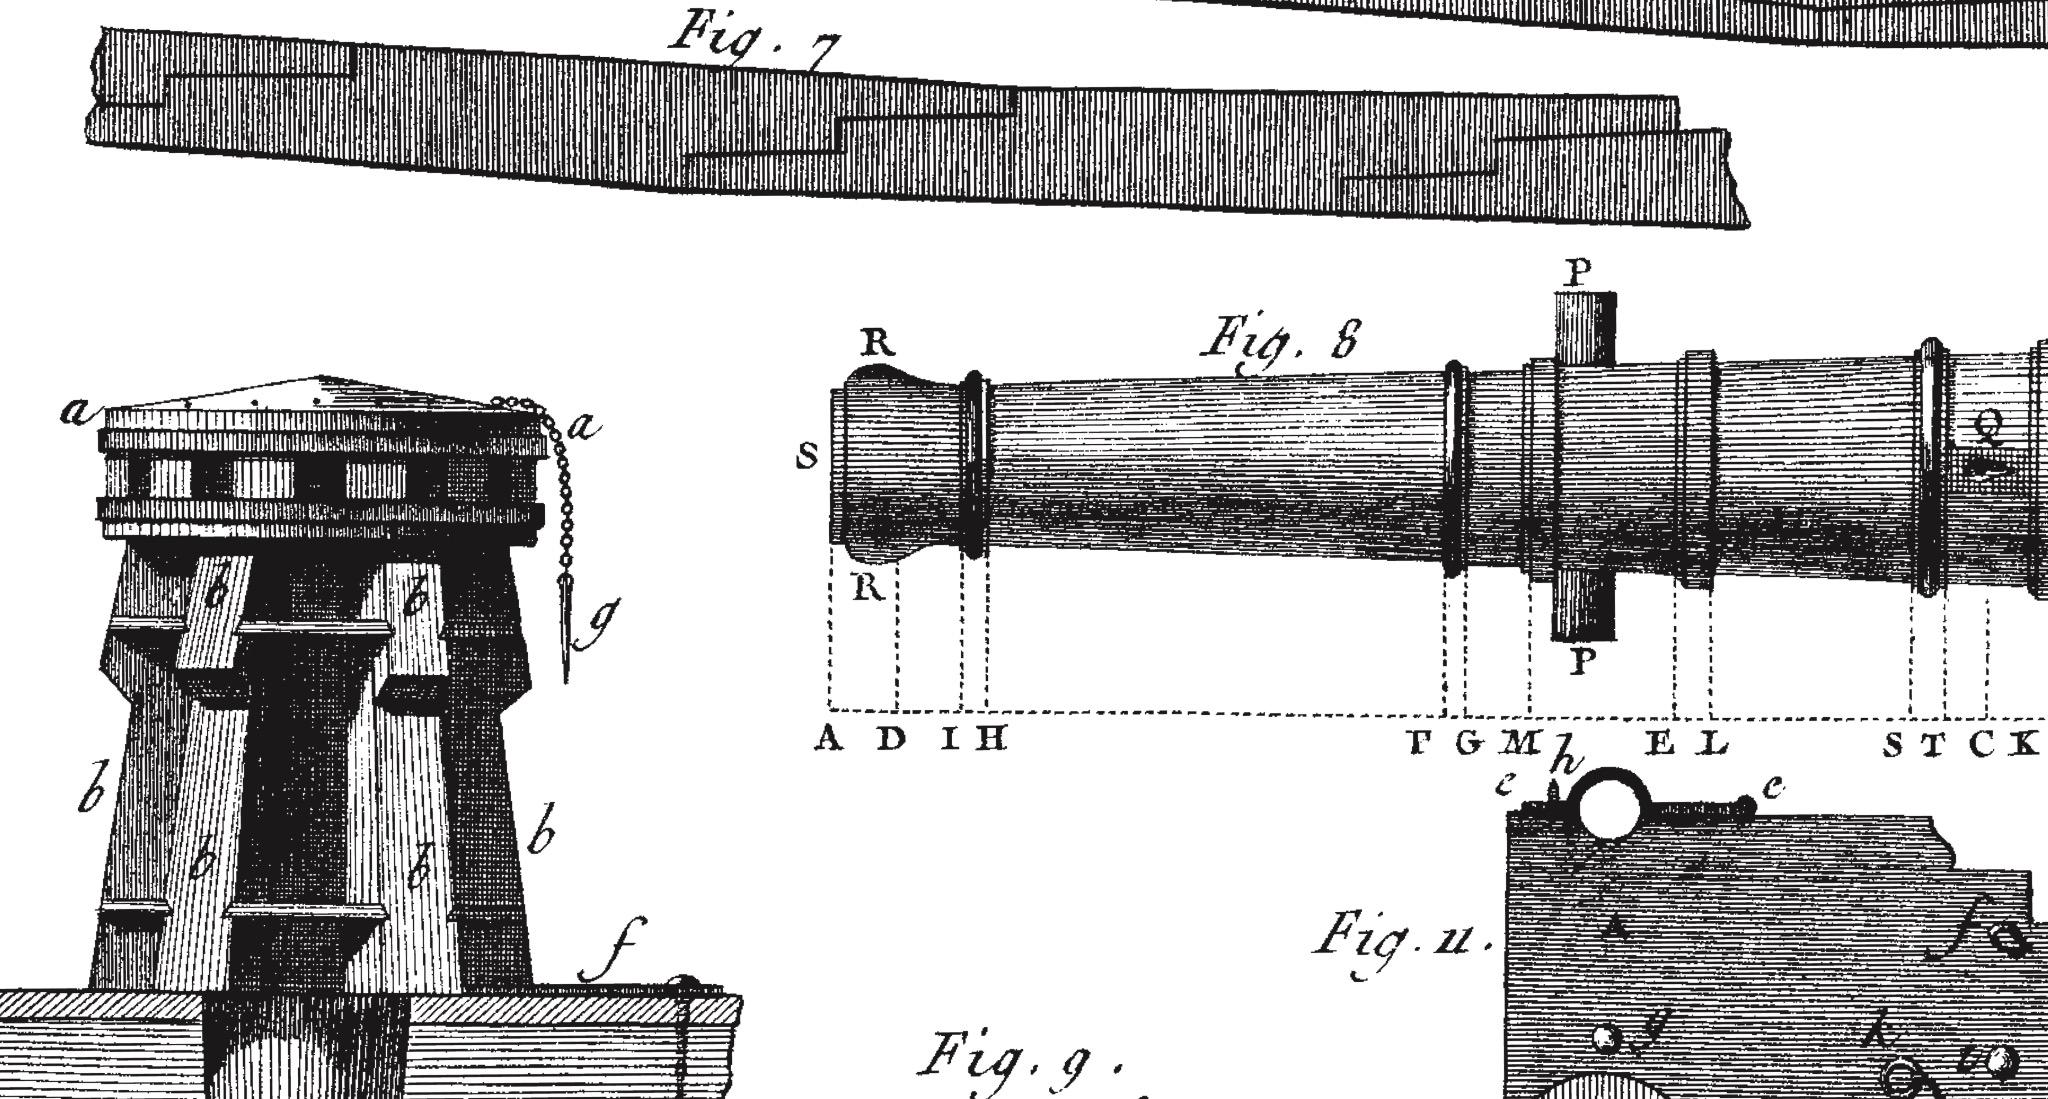 ENCYCLOPÉDIE MÉTHODIQUE MARINE 1783-1787